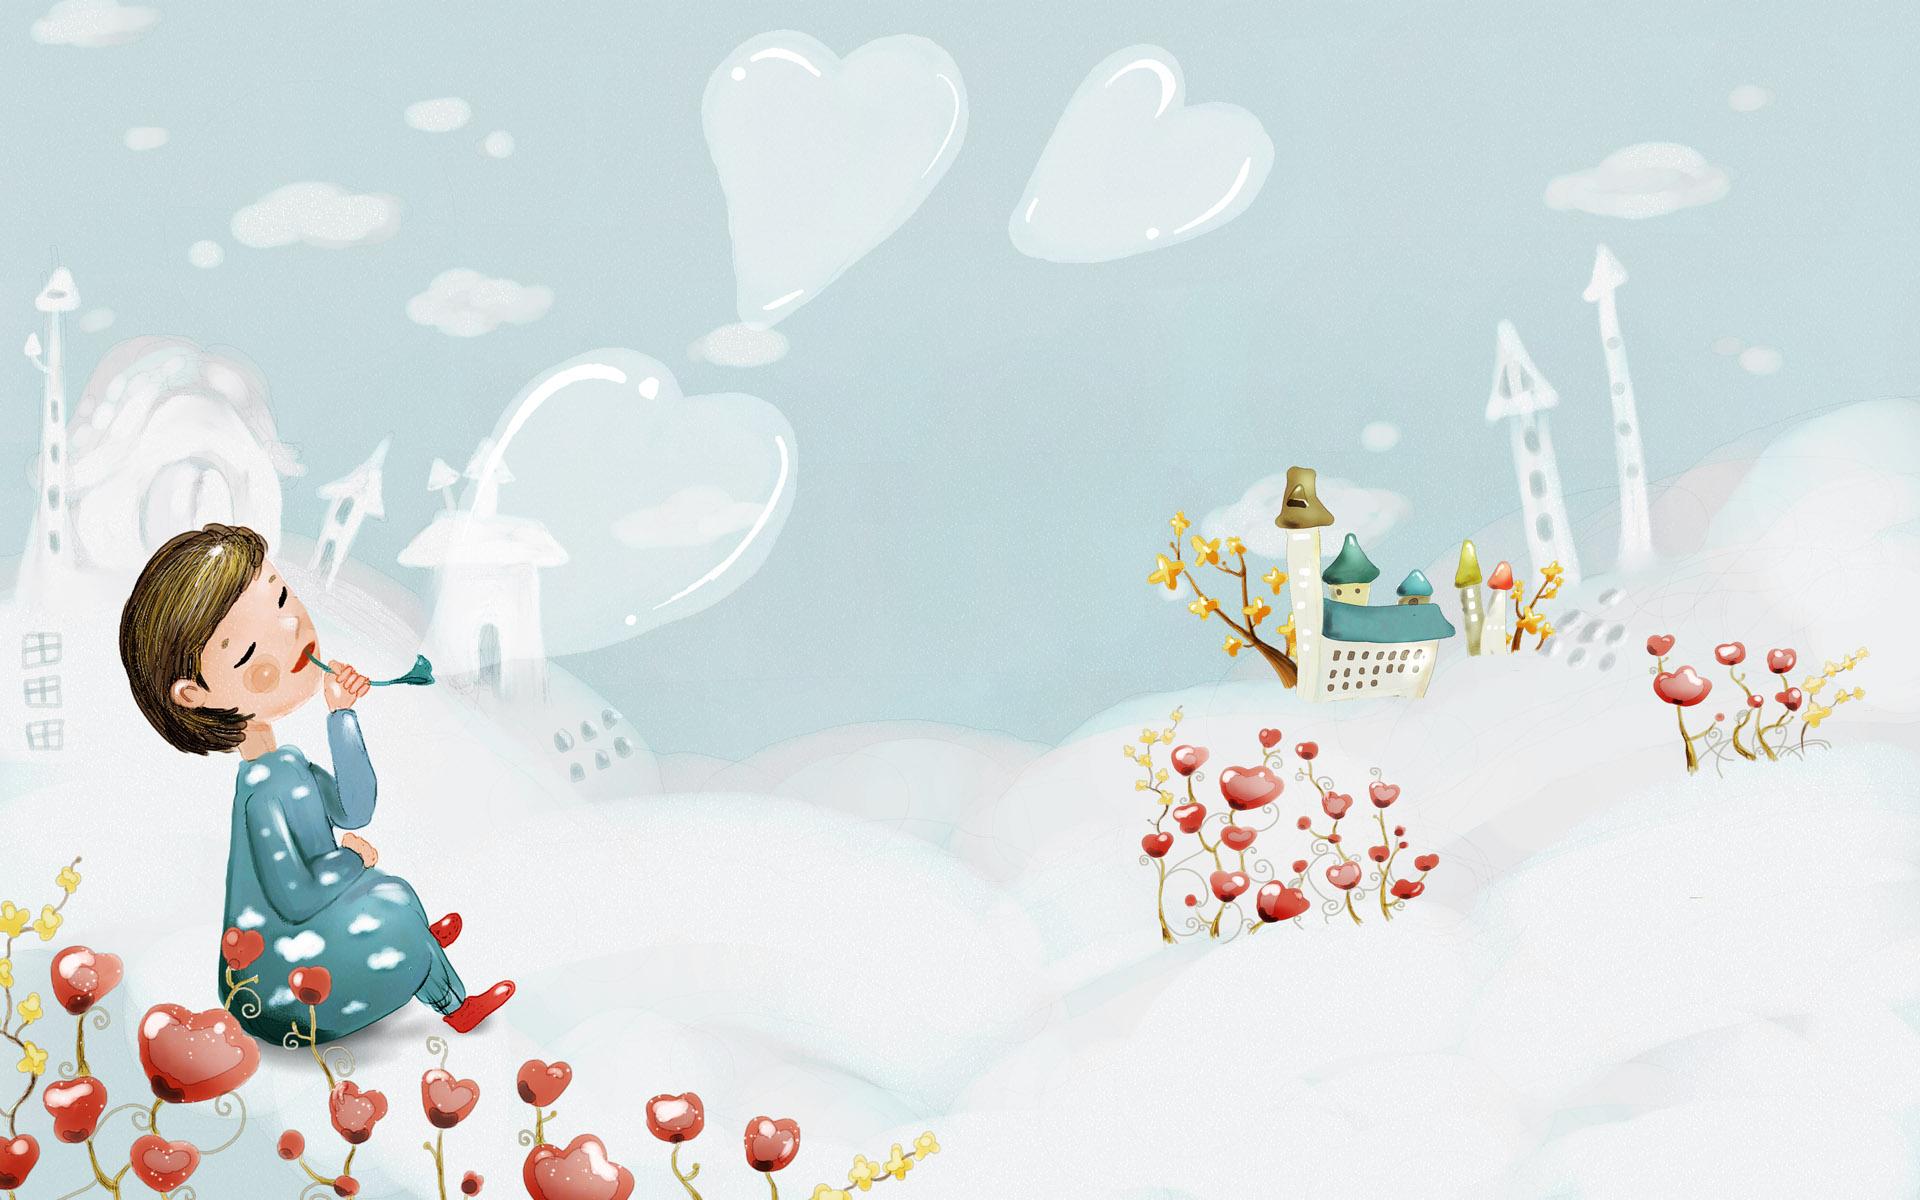 Обои для рабочего стола - раздел Дети: www.screenpaper.ru/index.php/children?start=1